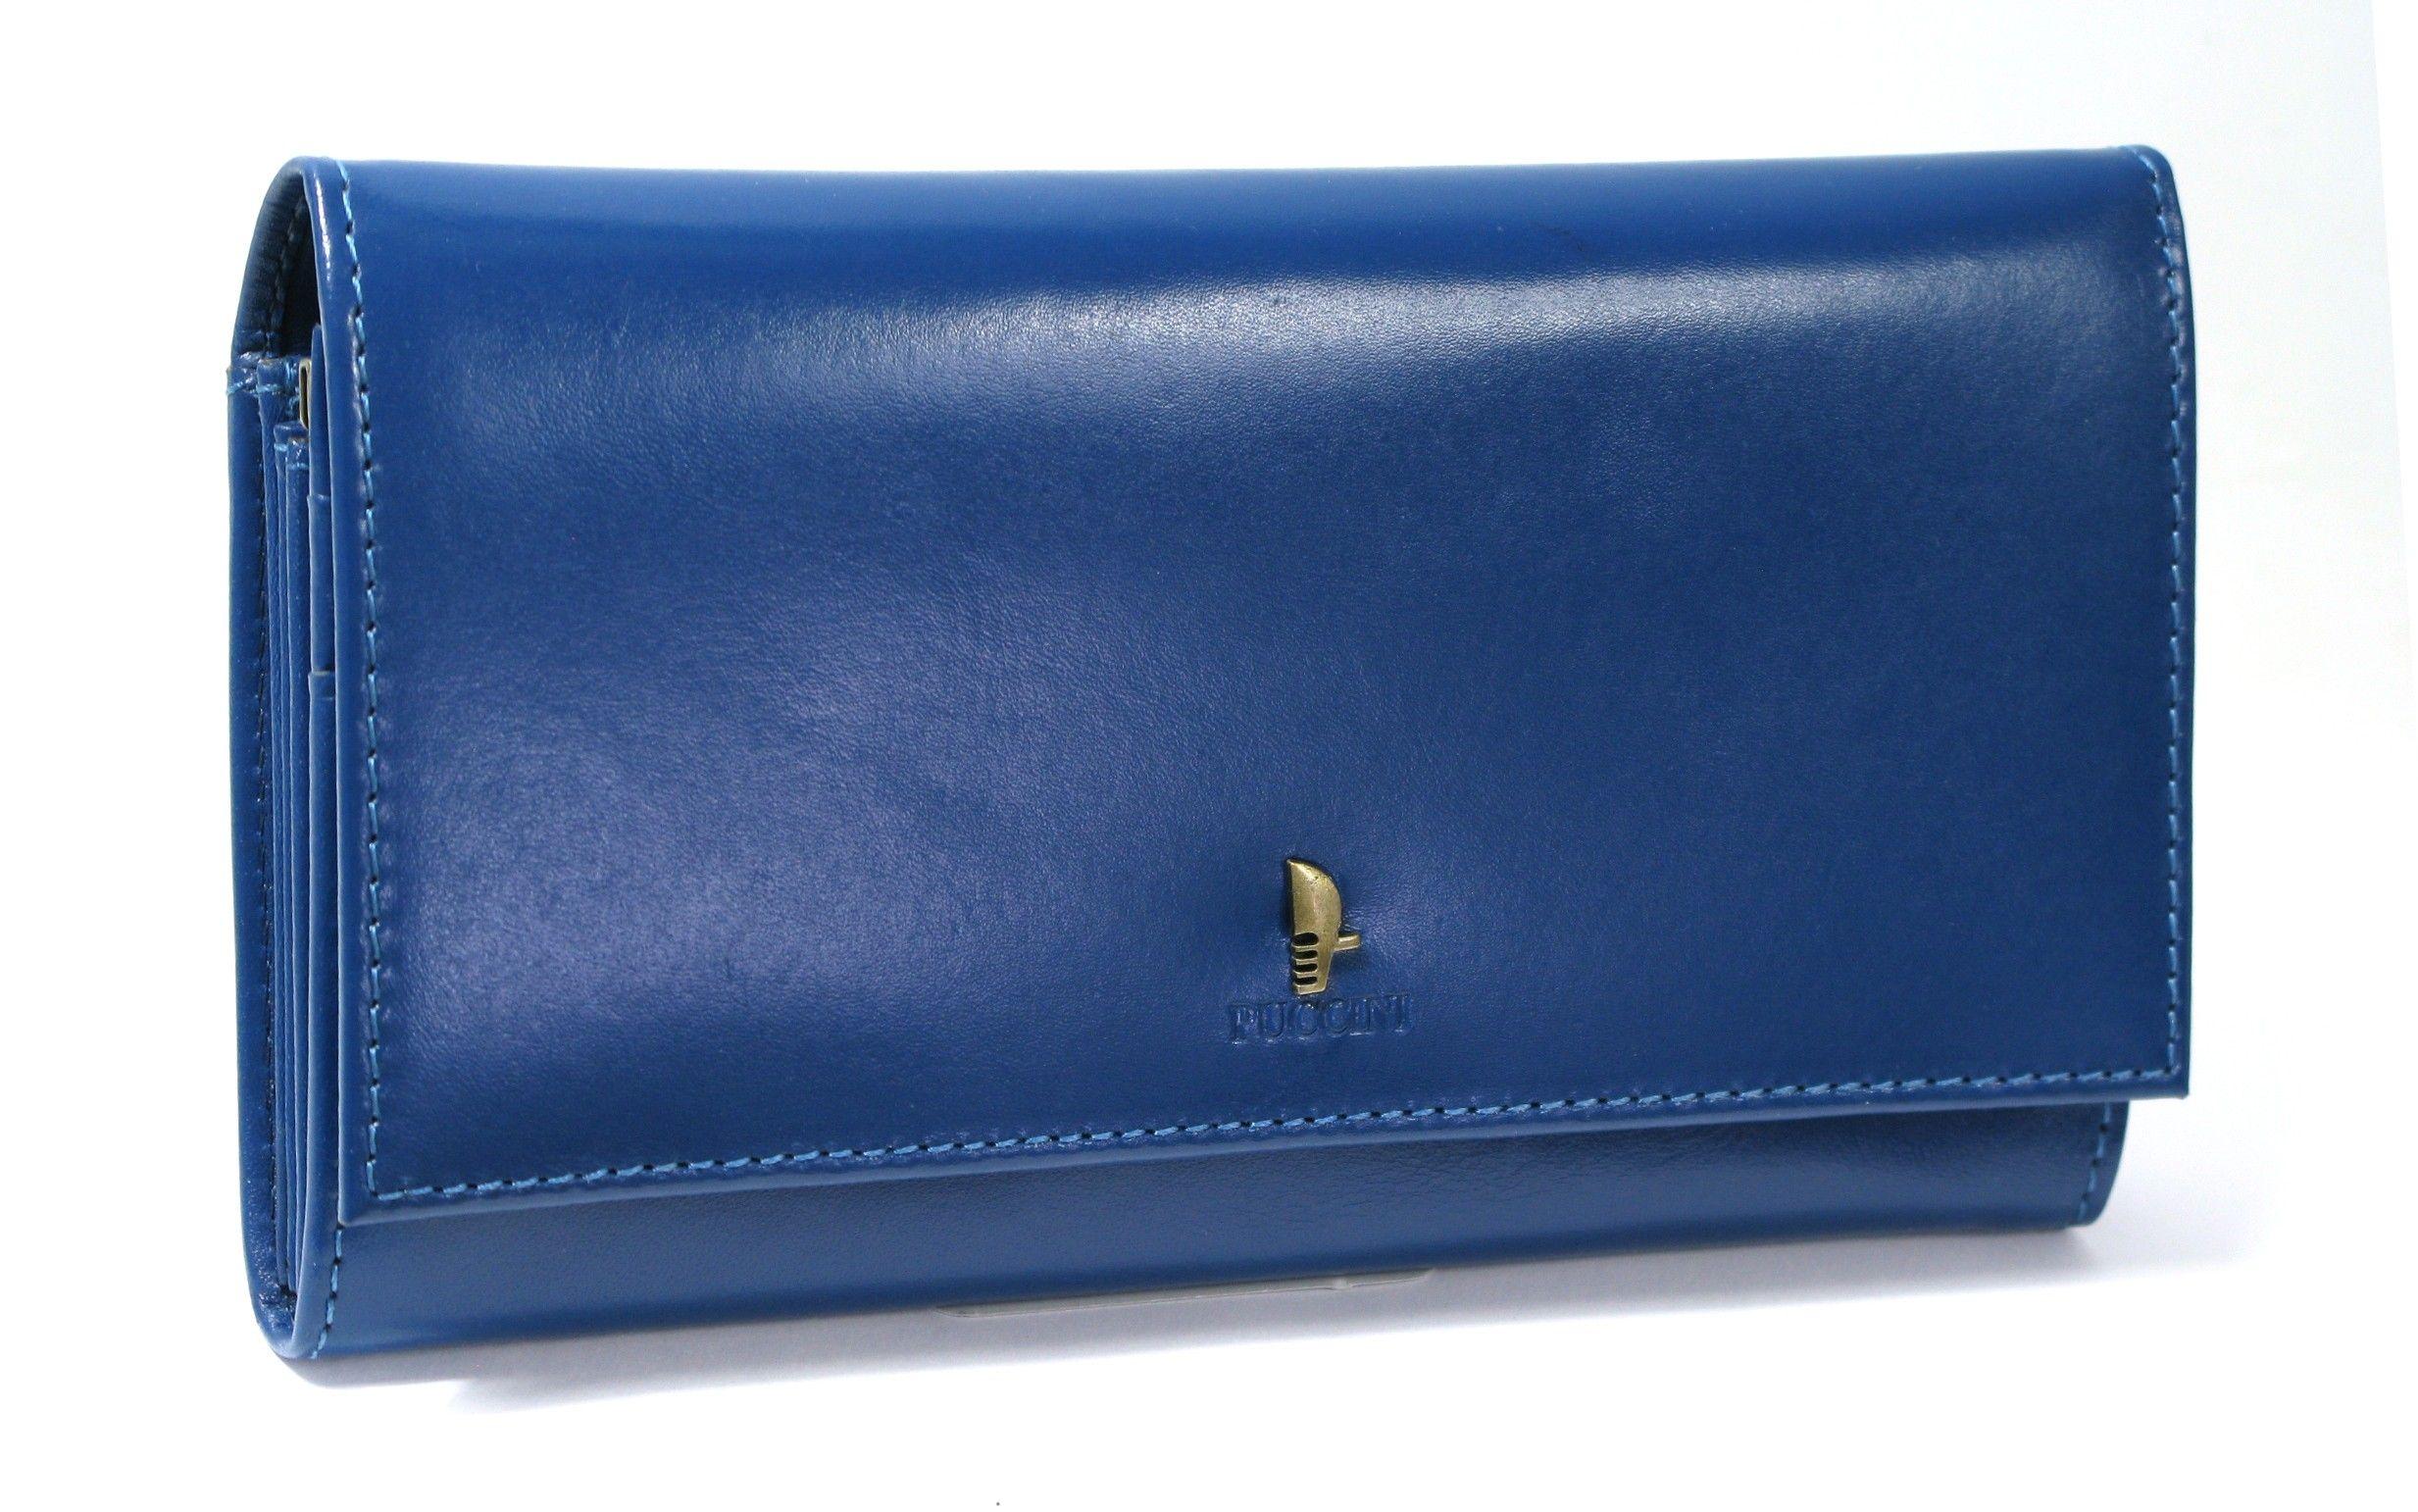 fadfbdb621d0e Skórzany portfel damski PUCCINI P-1705 niebieski